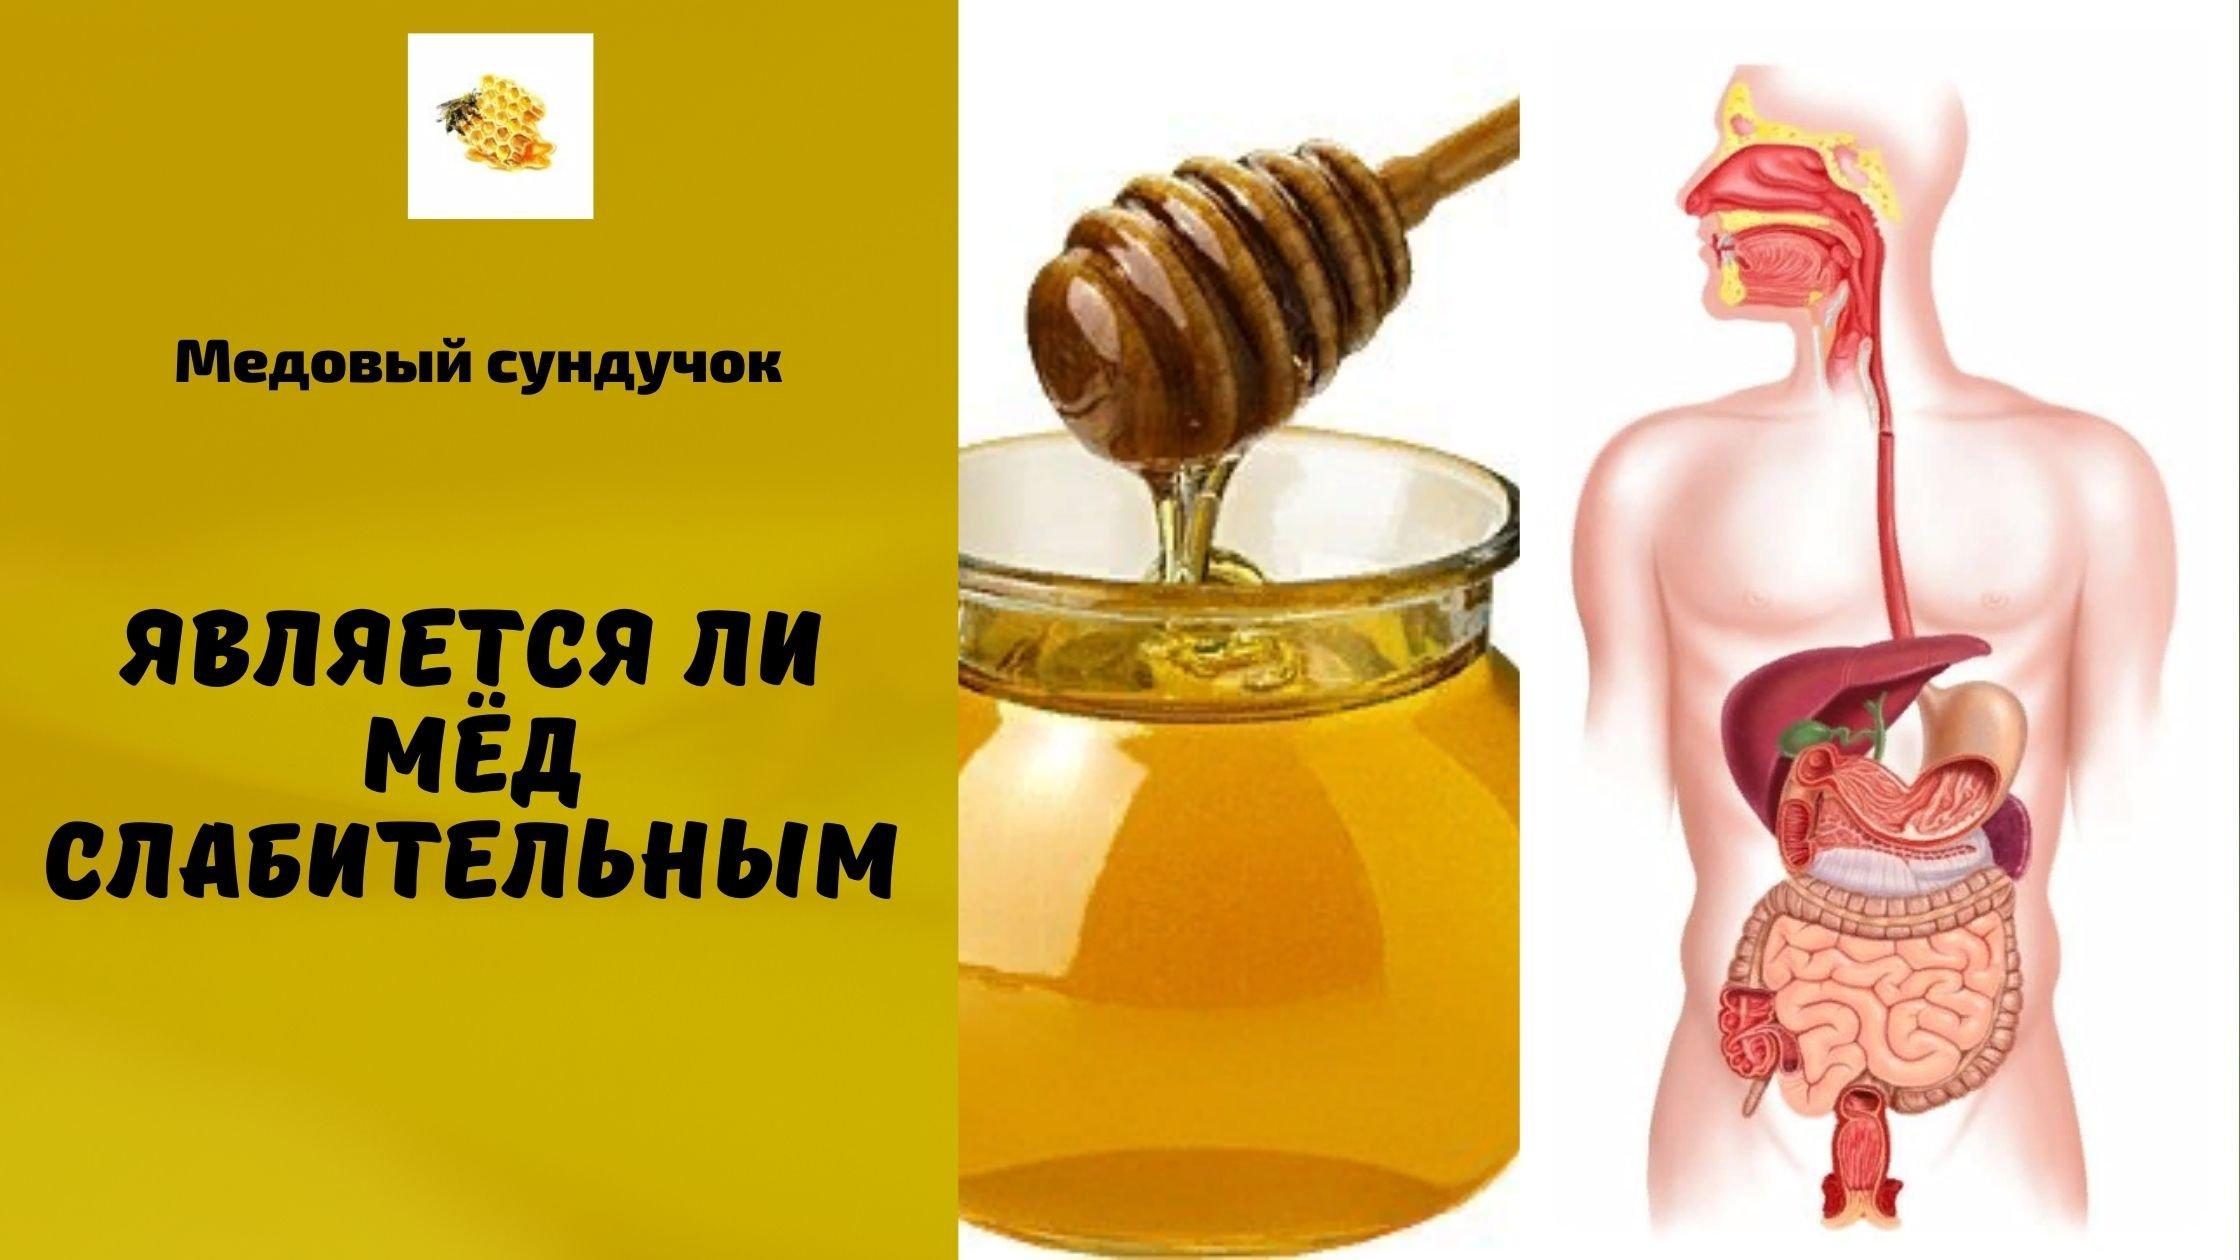 является ли мёд слабительным